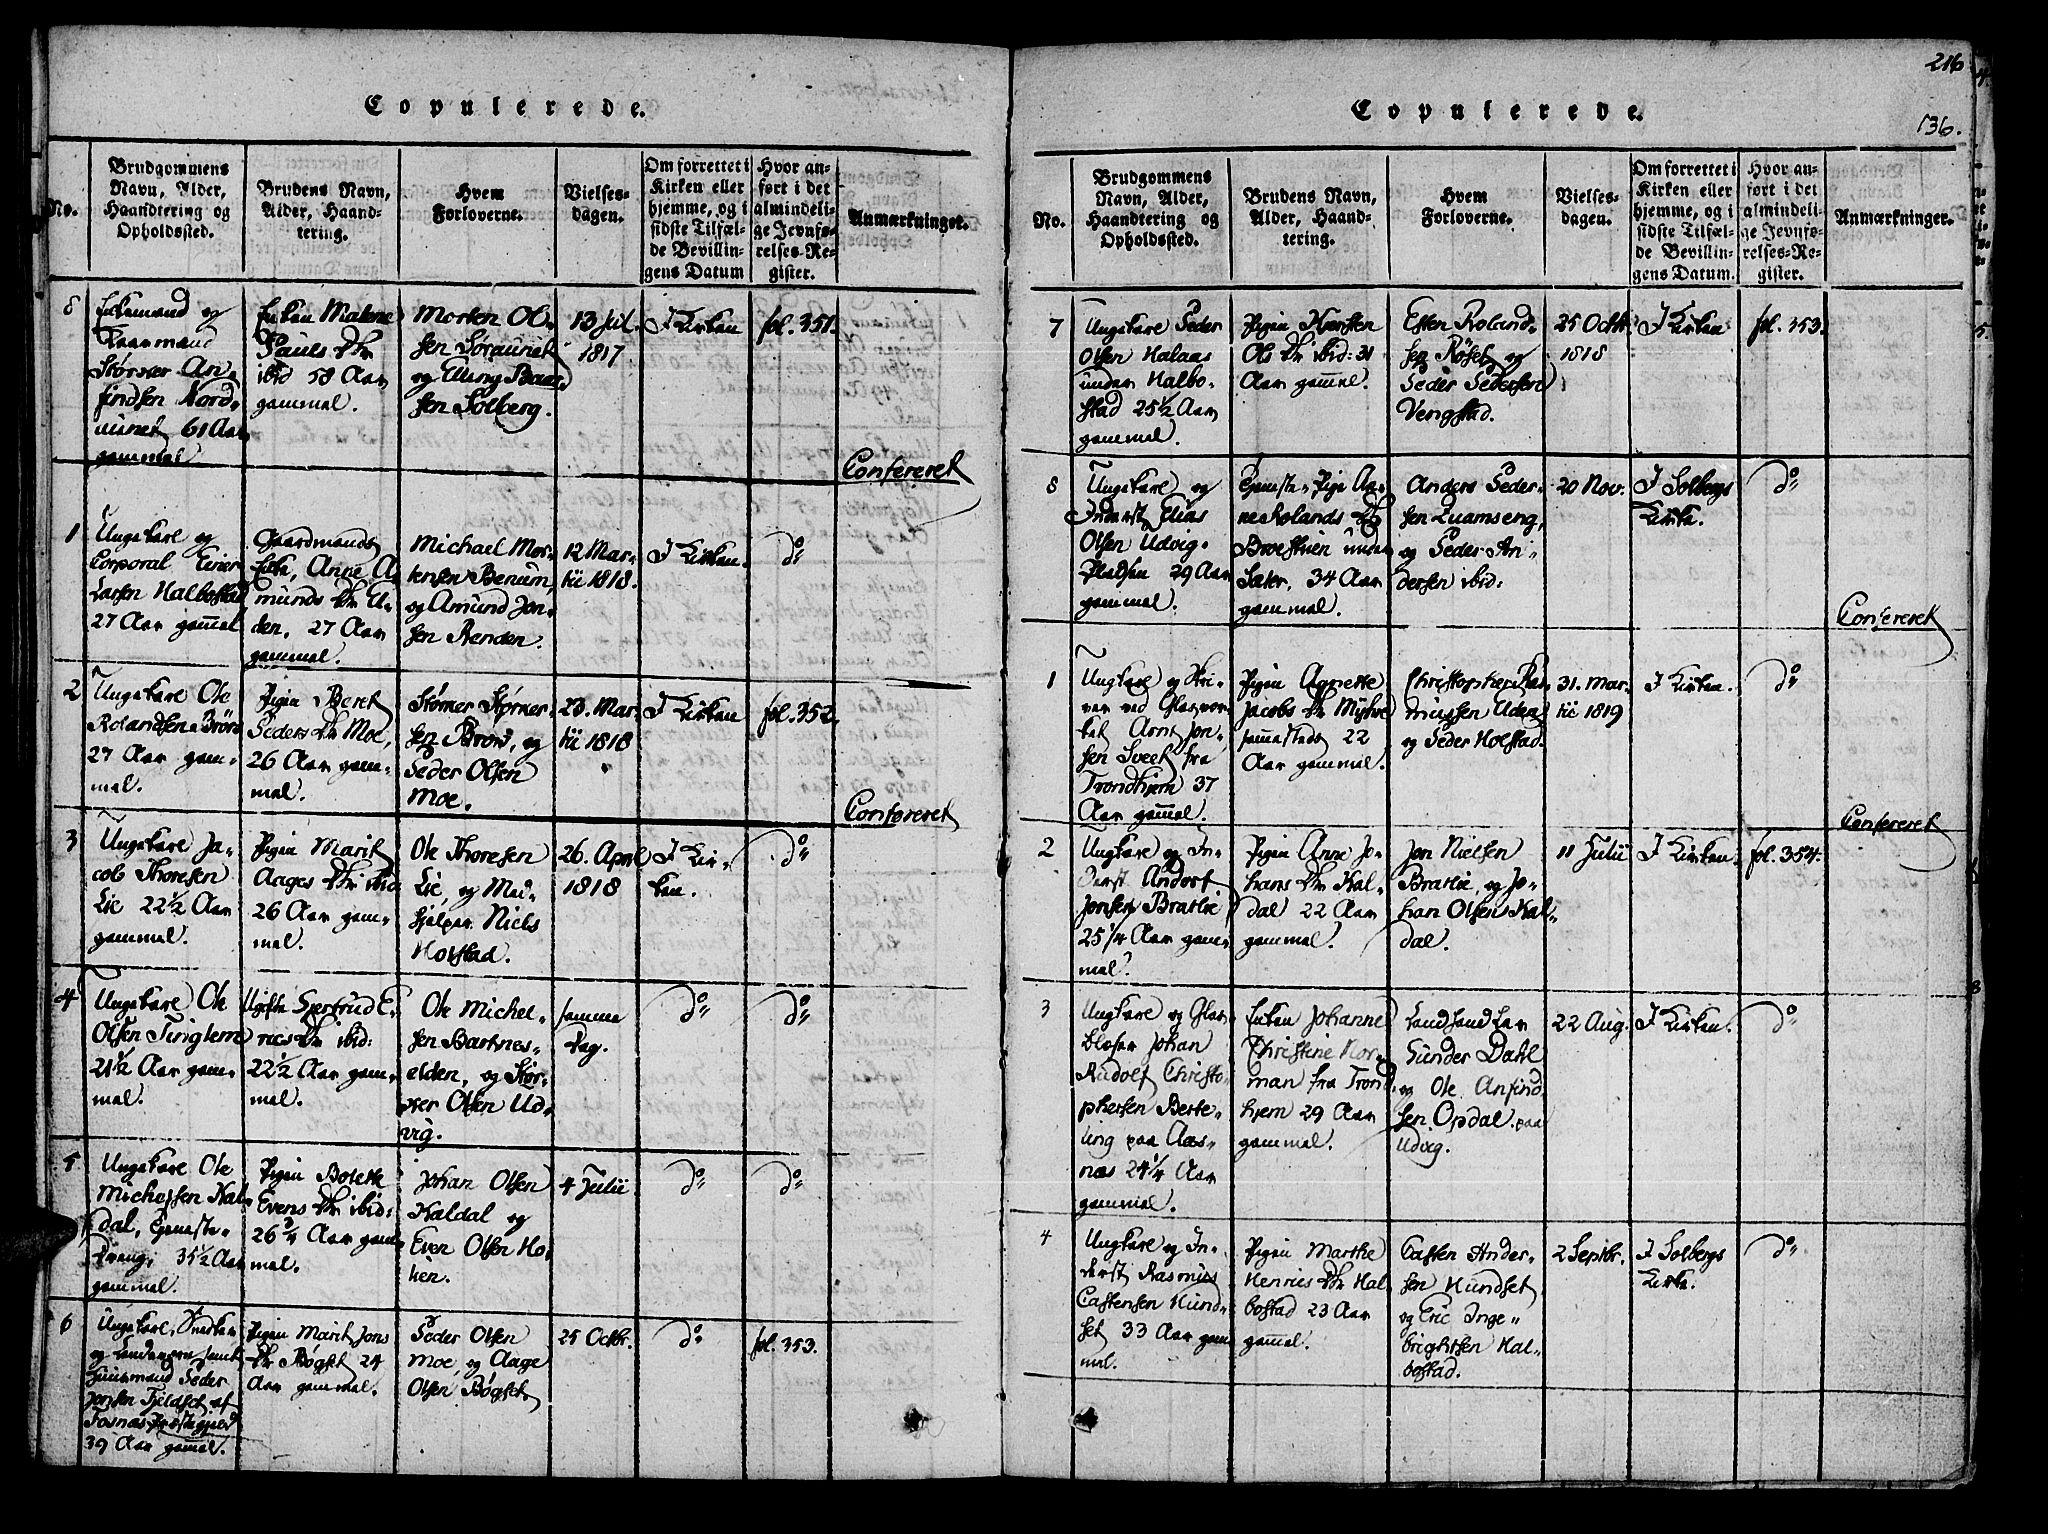 SAT, Ministerialprotokoller, klokkerbøker og fødselsregistre - Nord-Trøndelag, 741/L0387: Ministerialbok nr. 741A03 /3, 1817-1822, s. 136